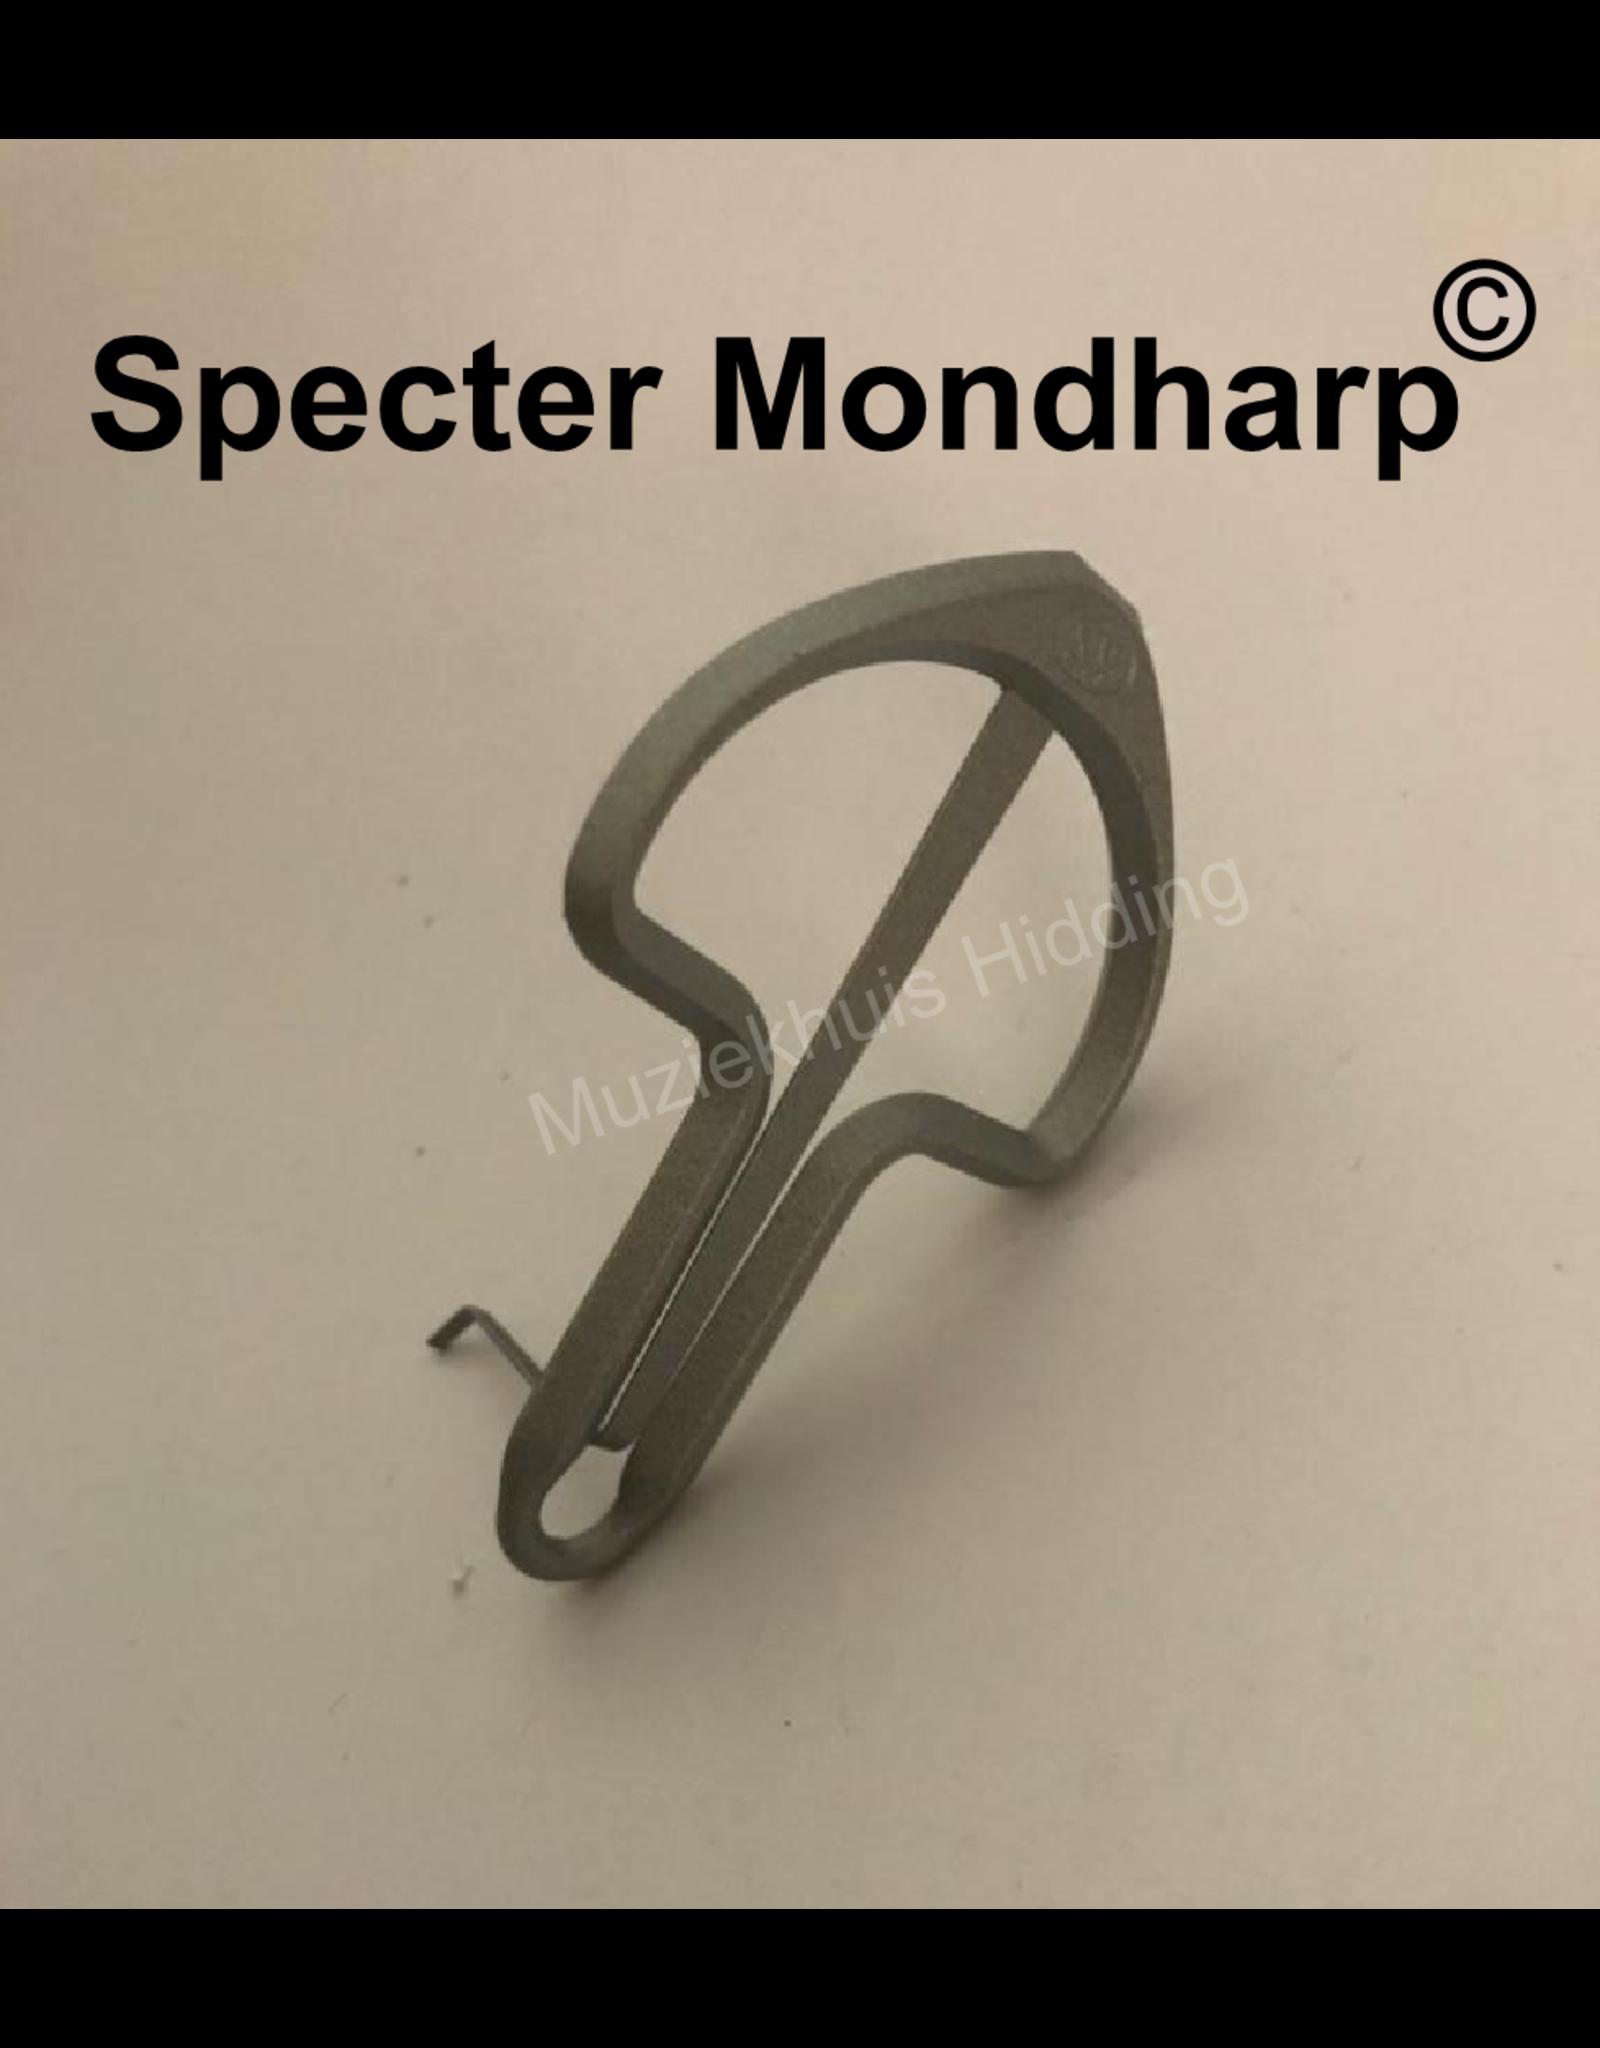 Specter Specter mond / kaak harp